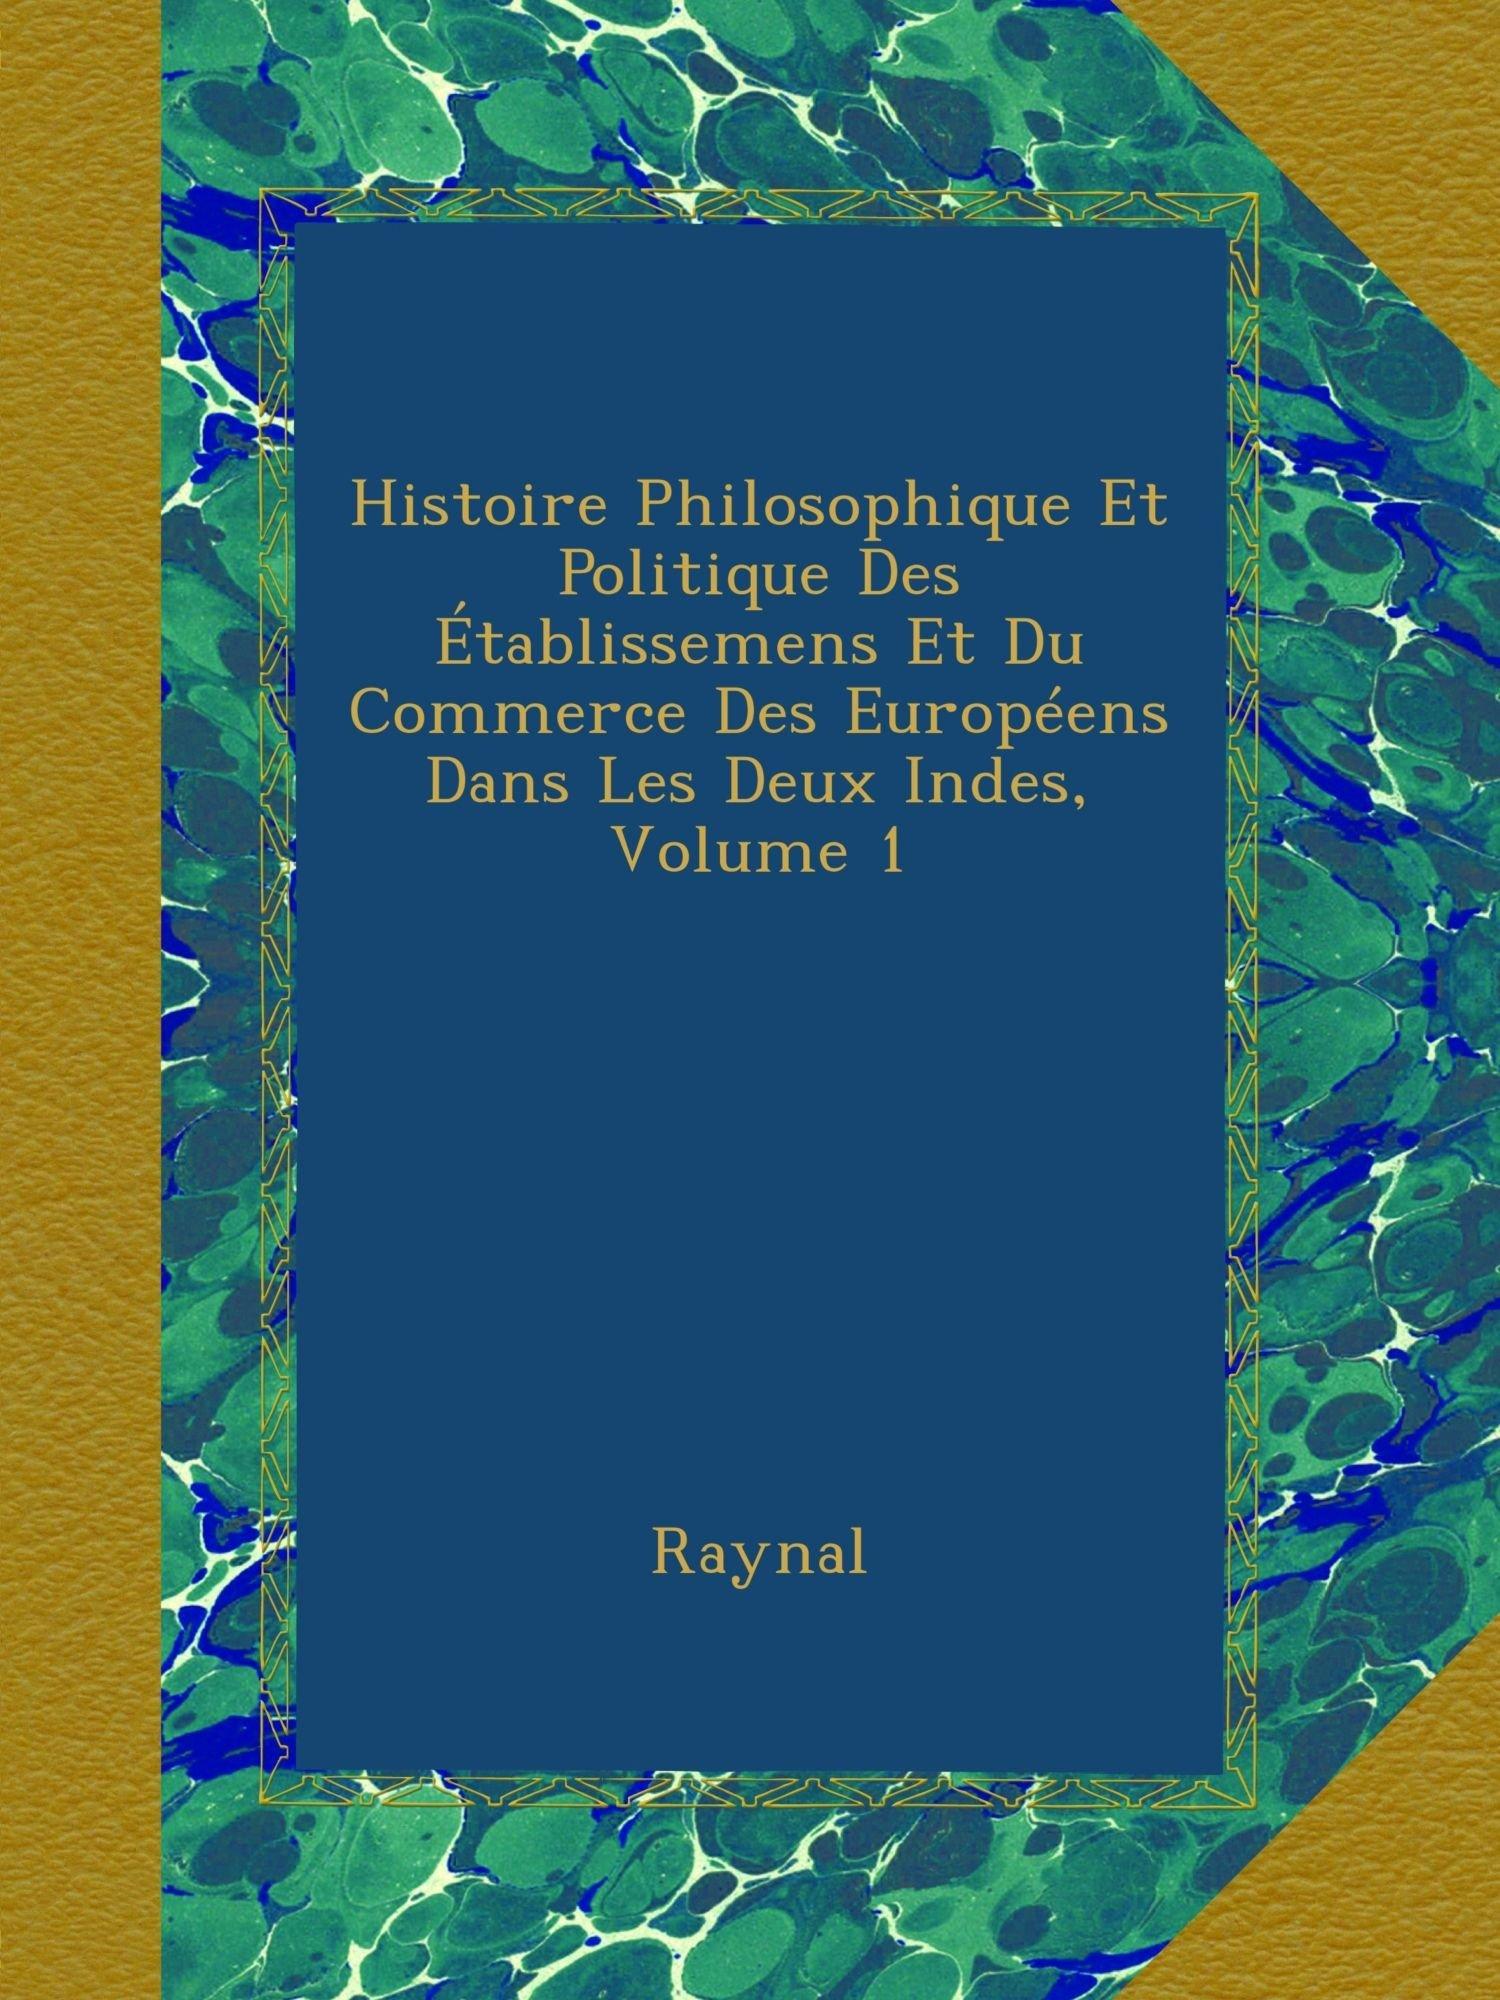 Histoire Philosophique Et Politique Des Établissemens Et Du Commerce Des Européens Dans Les Deux Indes, Volume 1 (French Edition) ebook